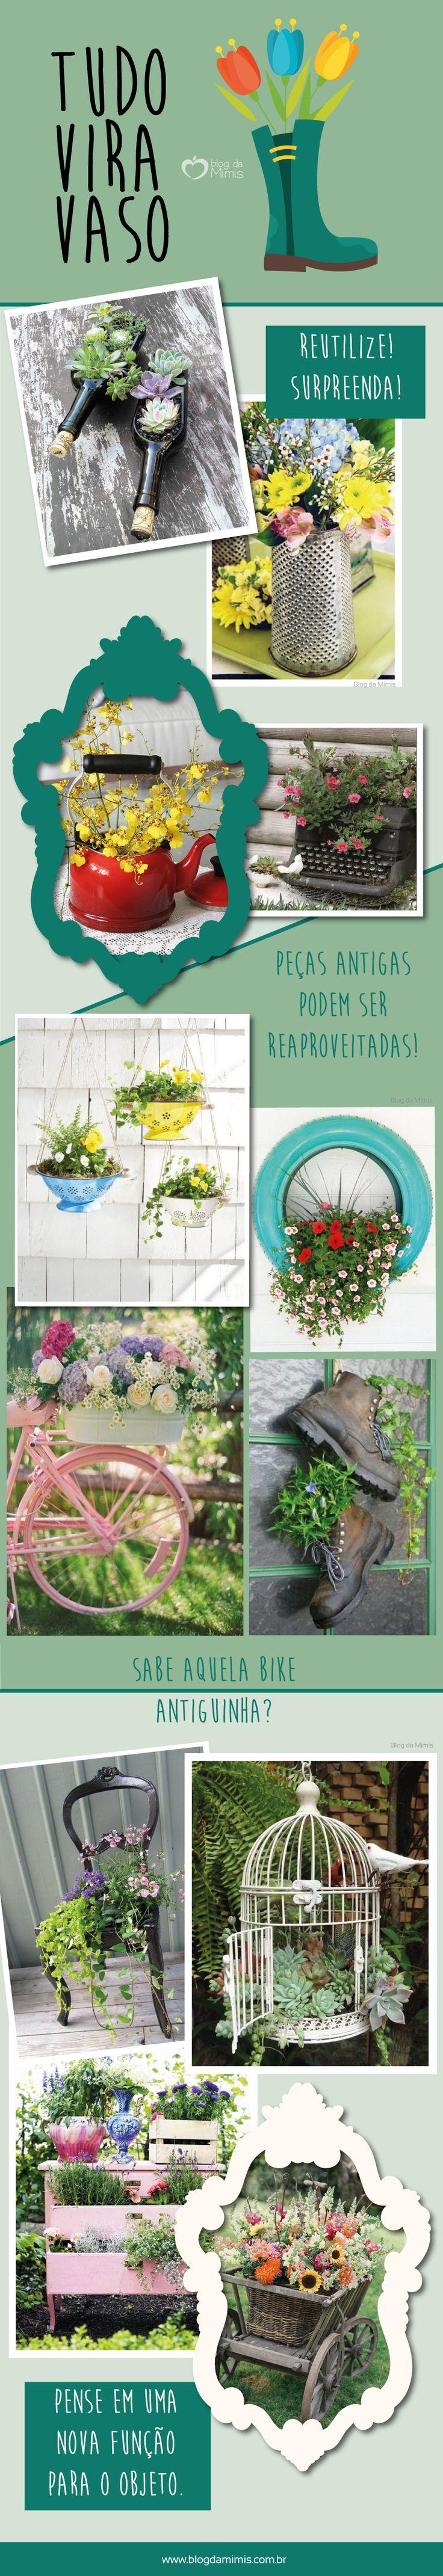 A minha dica de hoje é linda e tem muitas fotos para inspirar vocês! A dica é: simplesmente plante! Dentro ou fora de casa, dentro ou fora do vaso! Floresou temperinhos... Usem a imaginação e transformem os espaços em lindas…